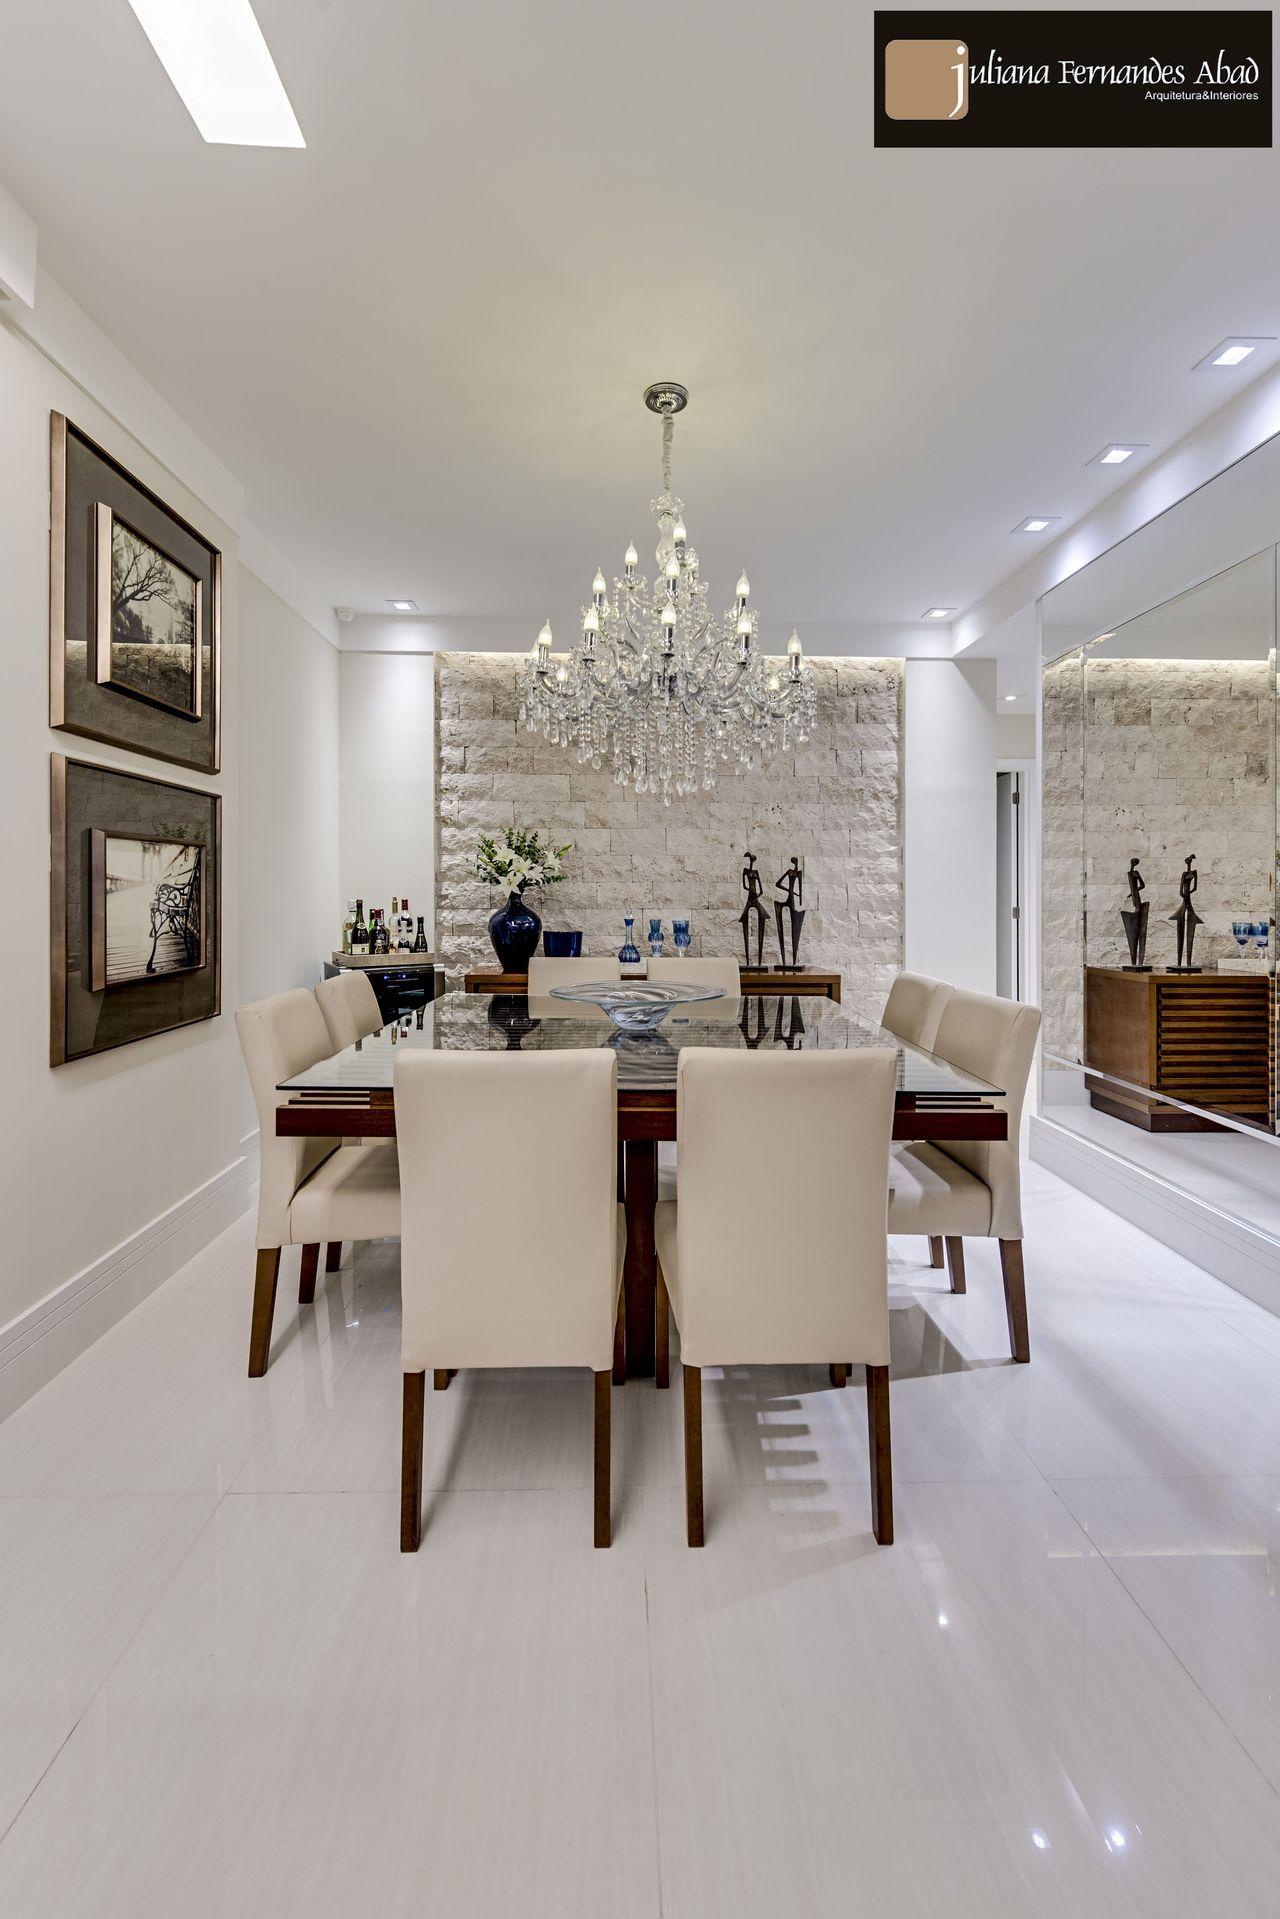 Espelho Parede Sala Jantar Zoom Espelho Acrlico Design Moderno X  -> Sala De Jantar Com Espelho Na Parede